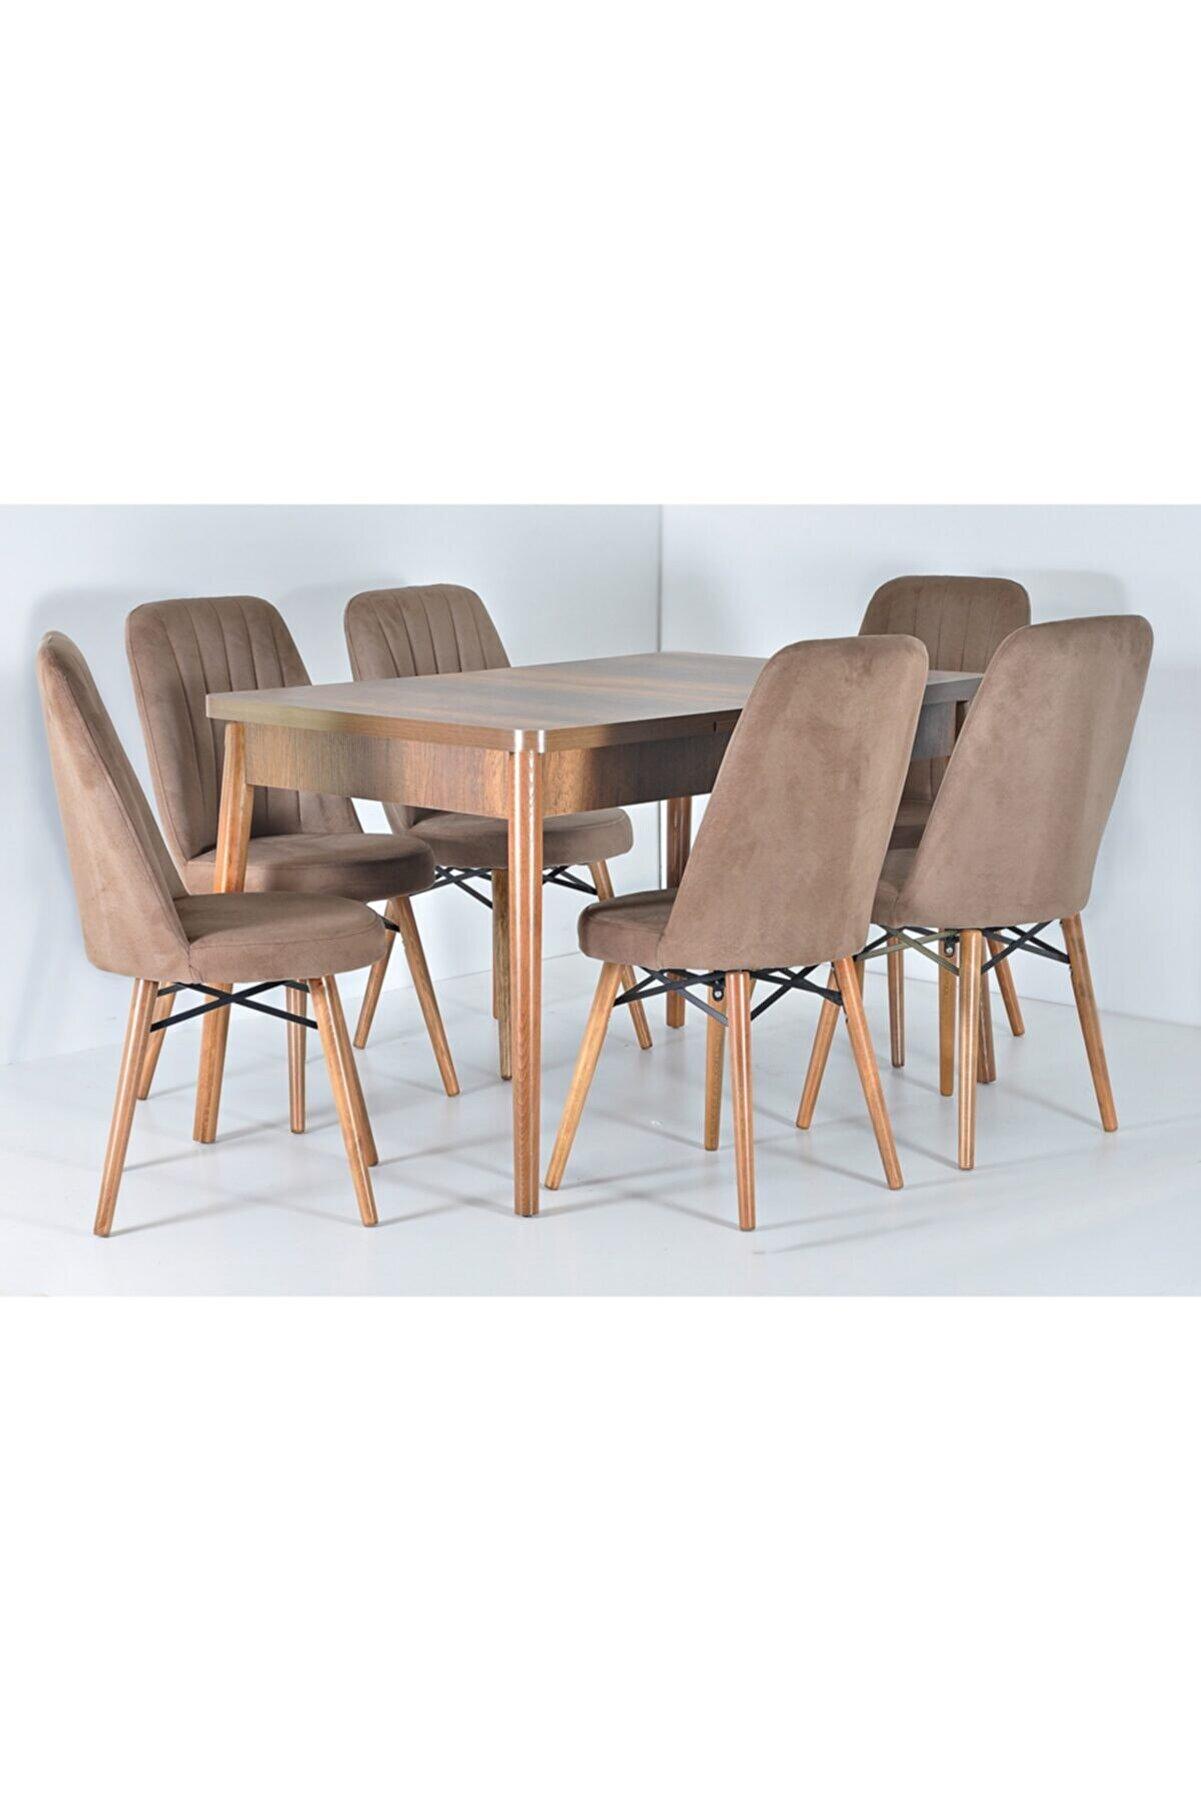 Kaktüs Avm Masa Sandalye Takımı 6 Kişilik Açılır Yemek Masası Salon Masası Açılır Masa Takımı Ahşap Masa